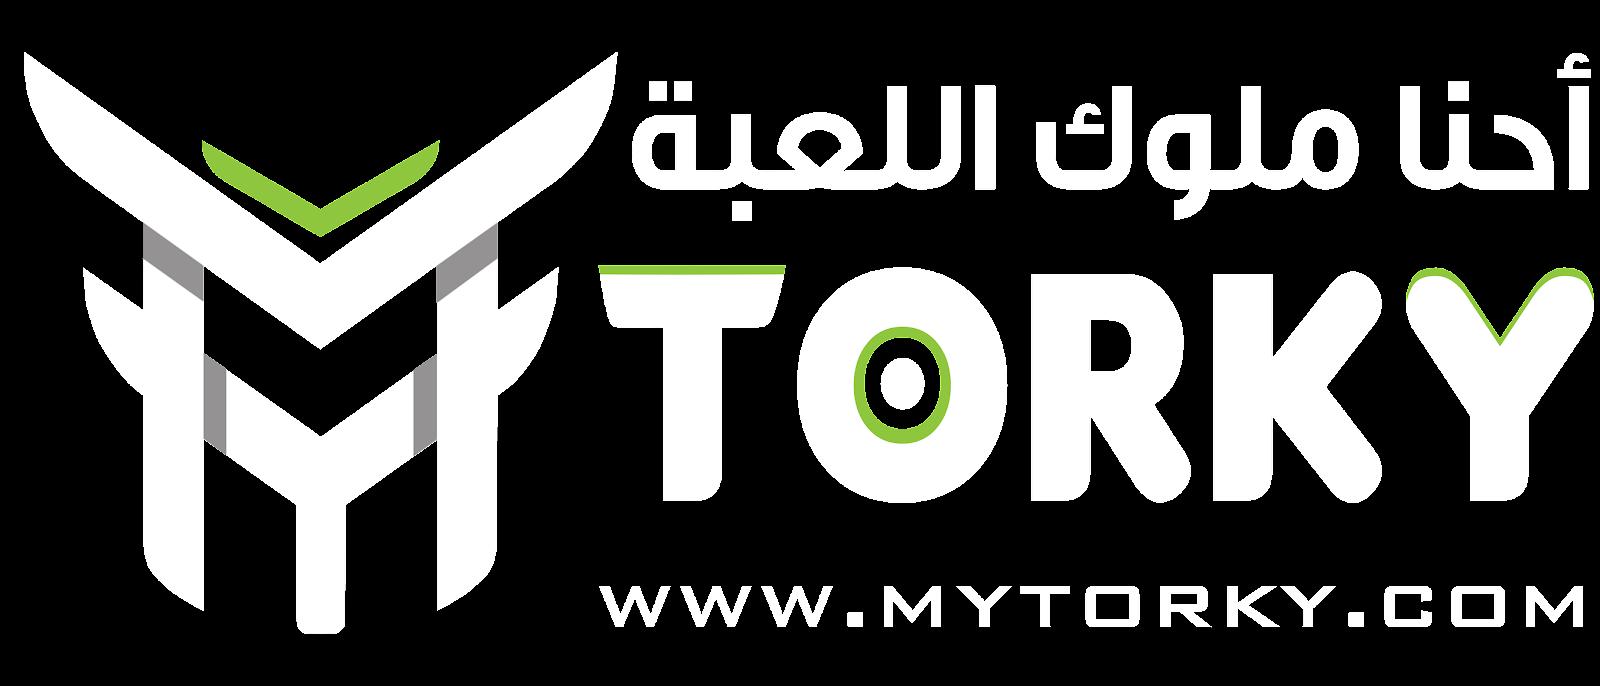 ماي تركي - موقع تحميل احدث باتشات بيس وفيفا العربي الاول